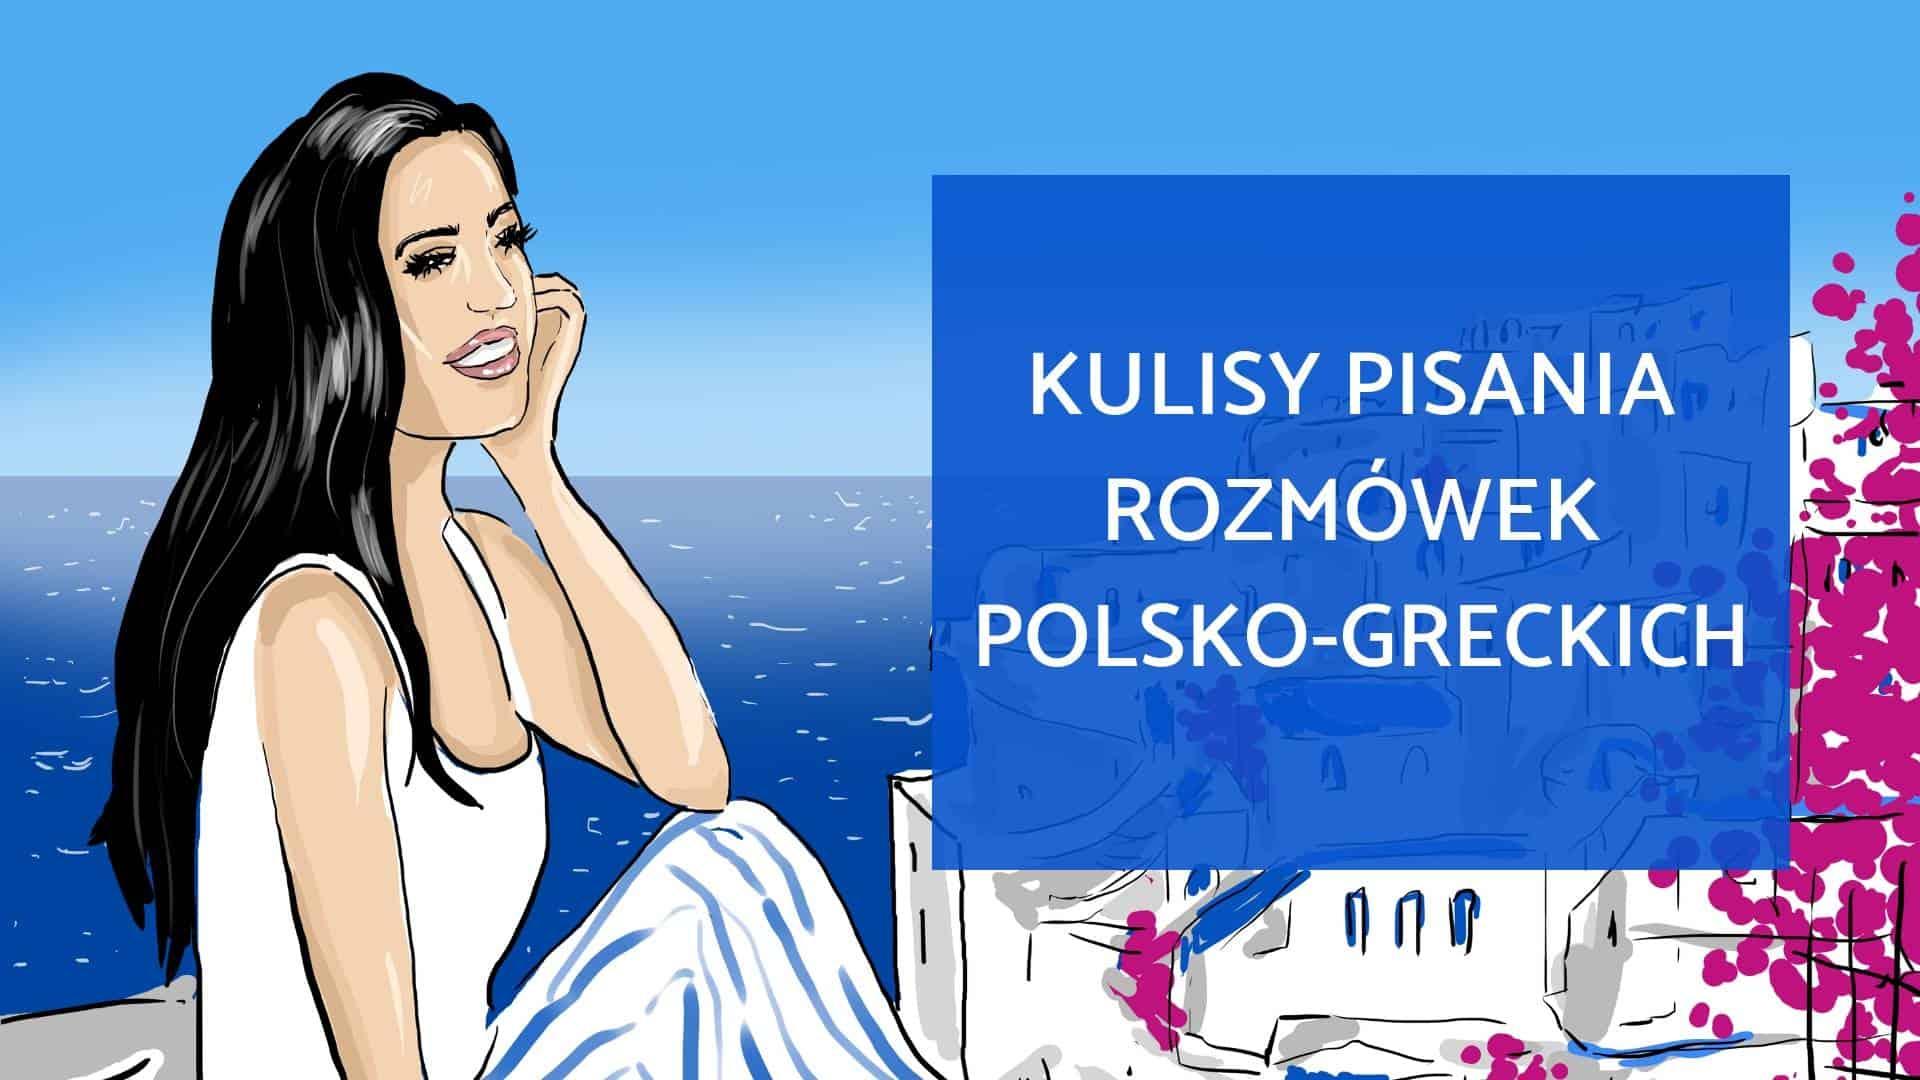 kulisy pisania rozmówek polsko-greckich